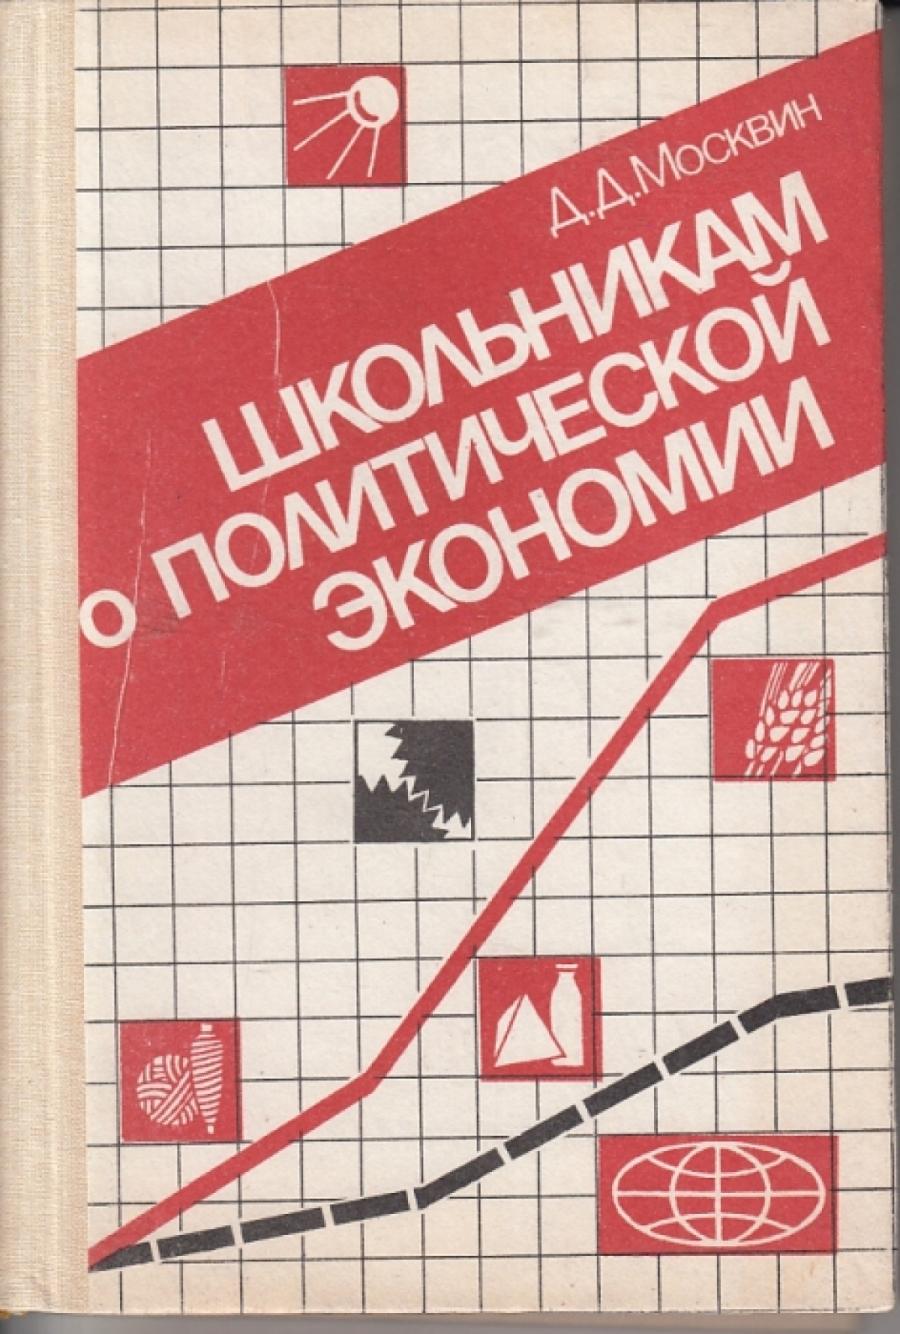 Обложка книги:  москвин д. д. - школьникам о политической экономии